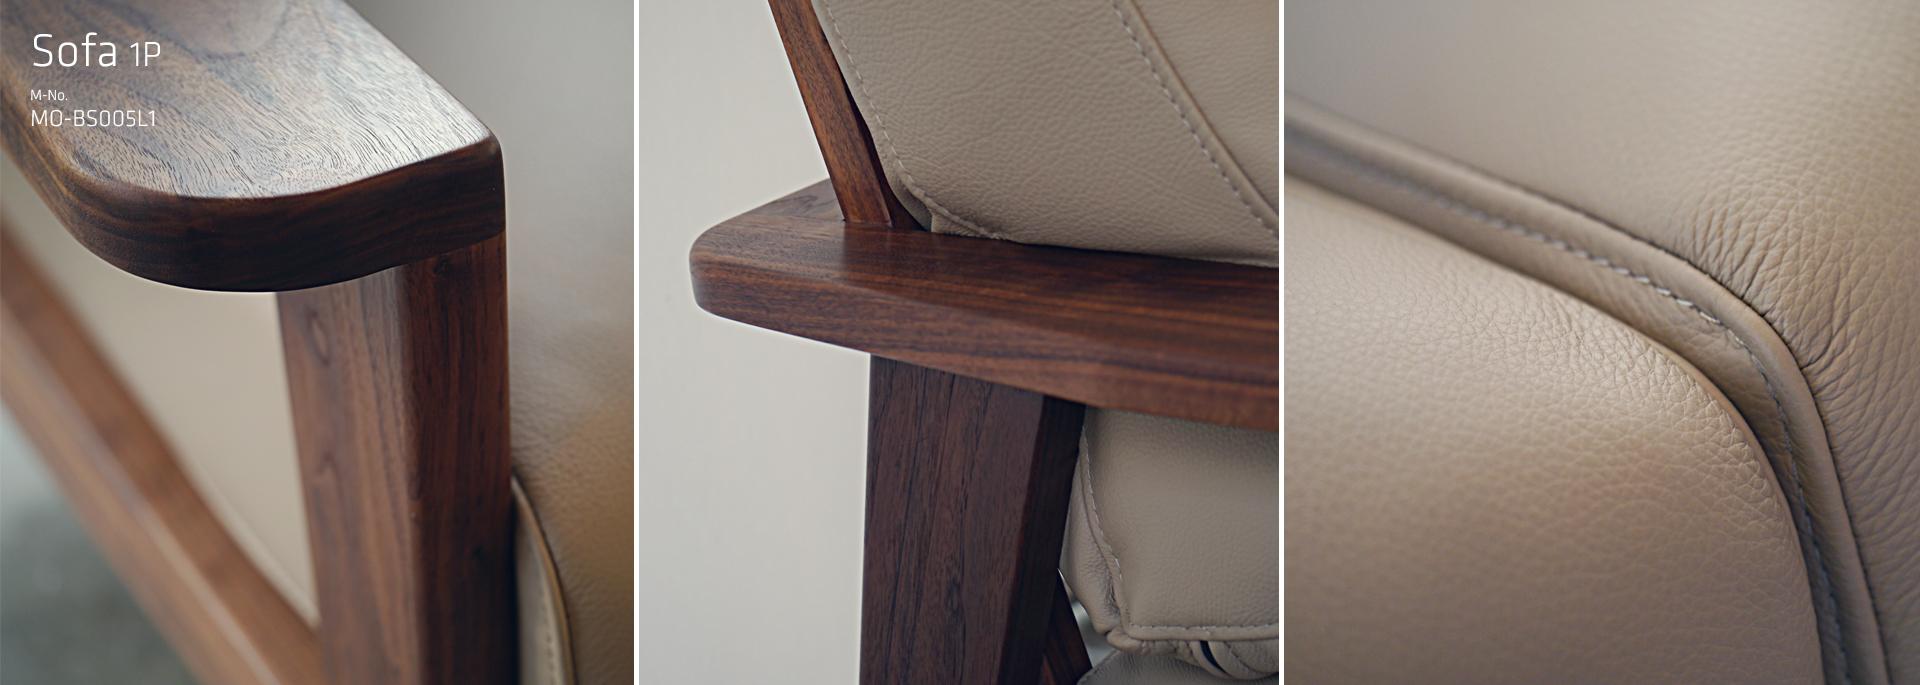 sofa 1p-01